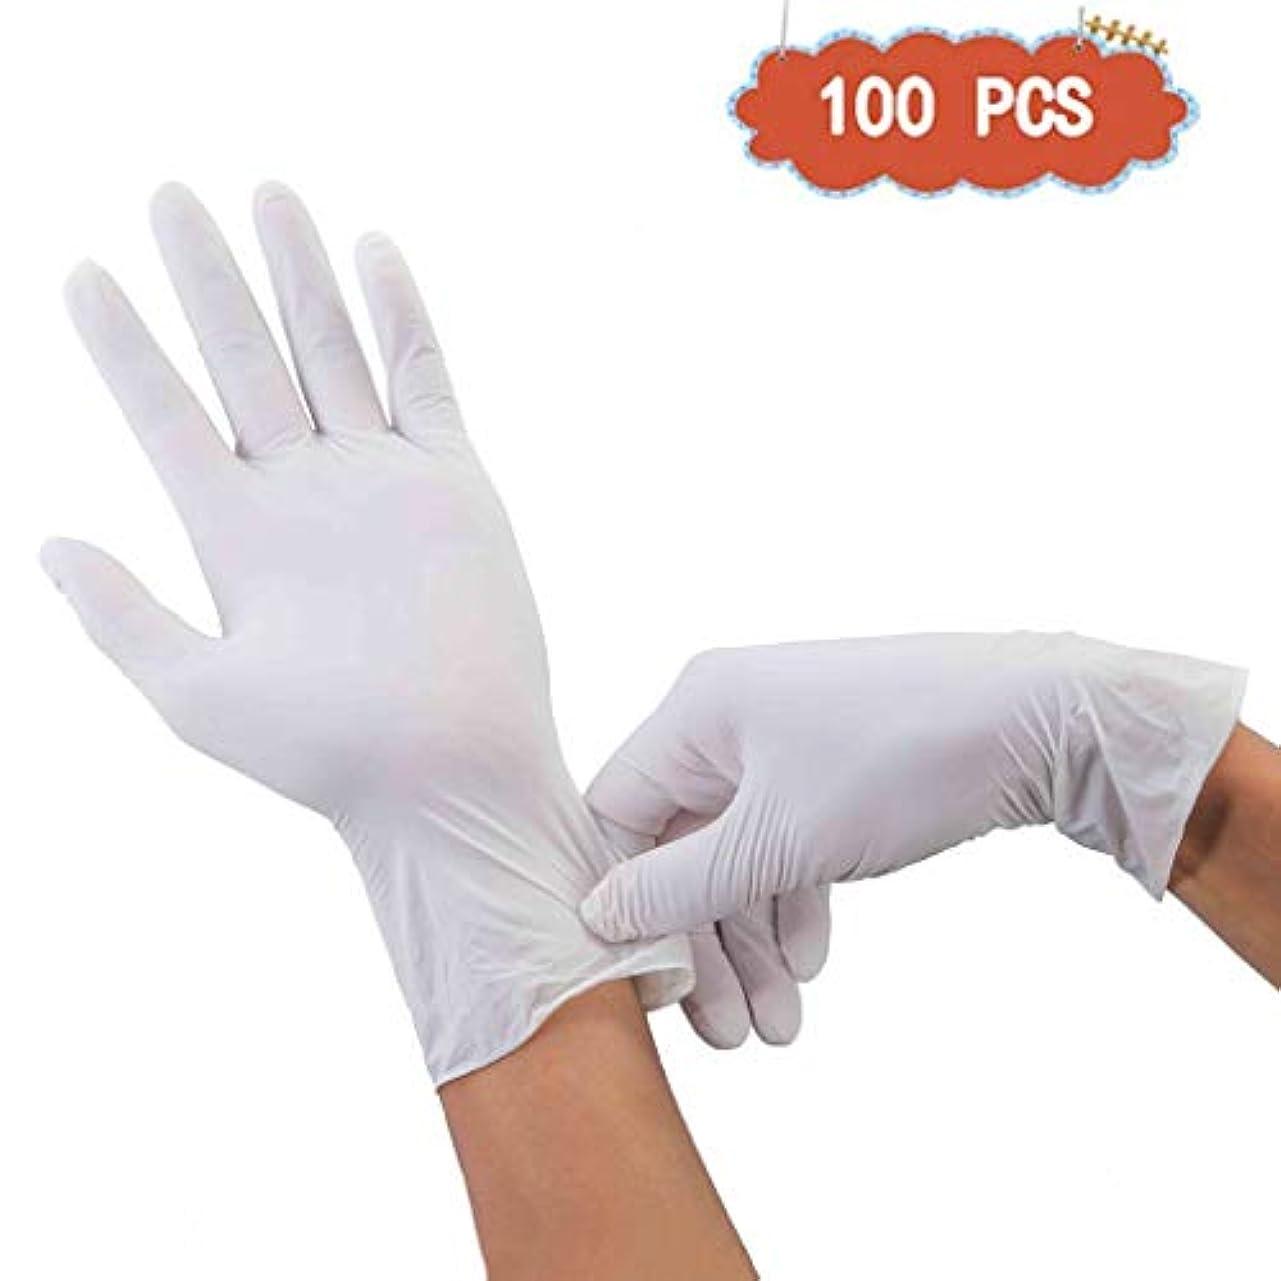 リッチラッシュ篭ニトリル手袋、白い手袋食品衛生処理医療産業使い捨て手袋ペットケアネイルアート検査保護実験、美容サロンラテックスフリー、、 100個 (Size : S)